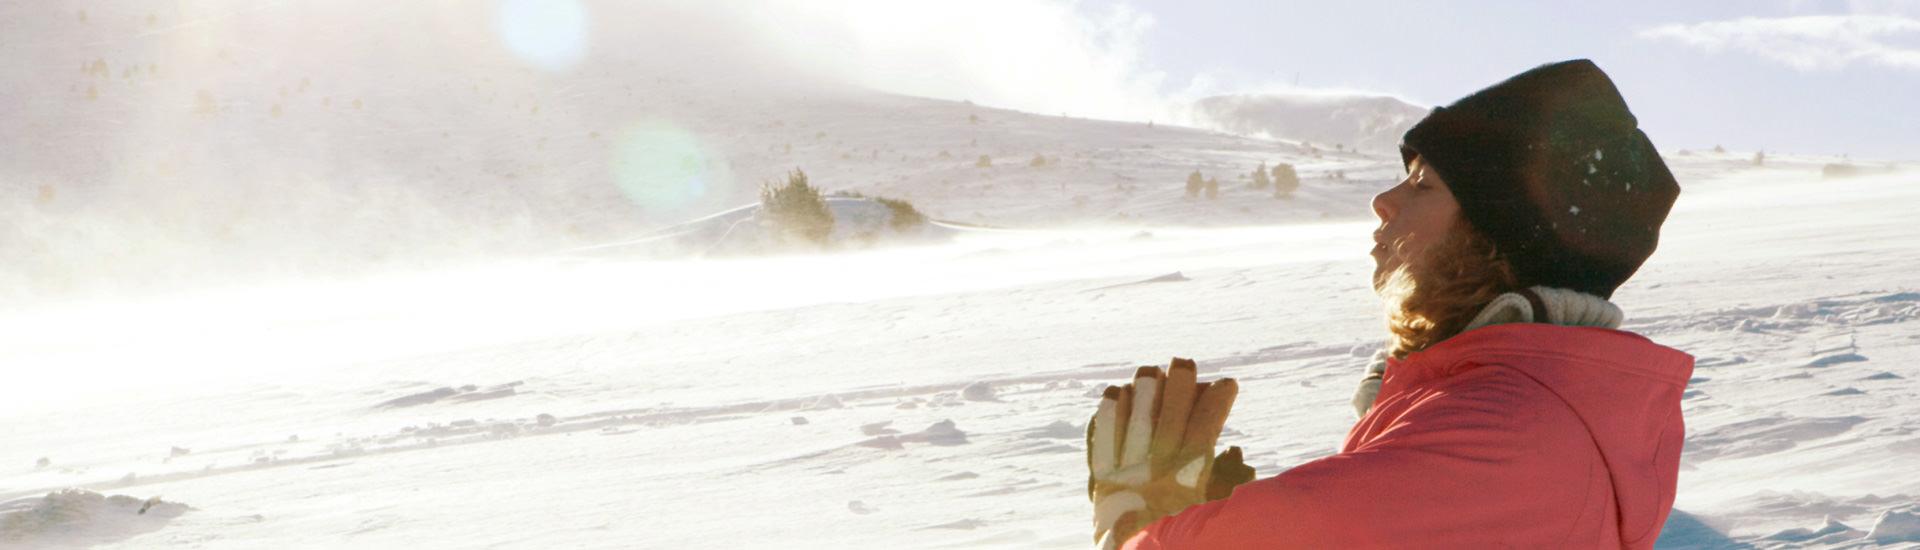 Ski Yoga